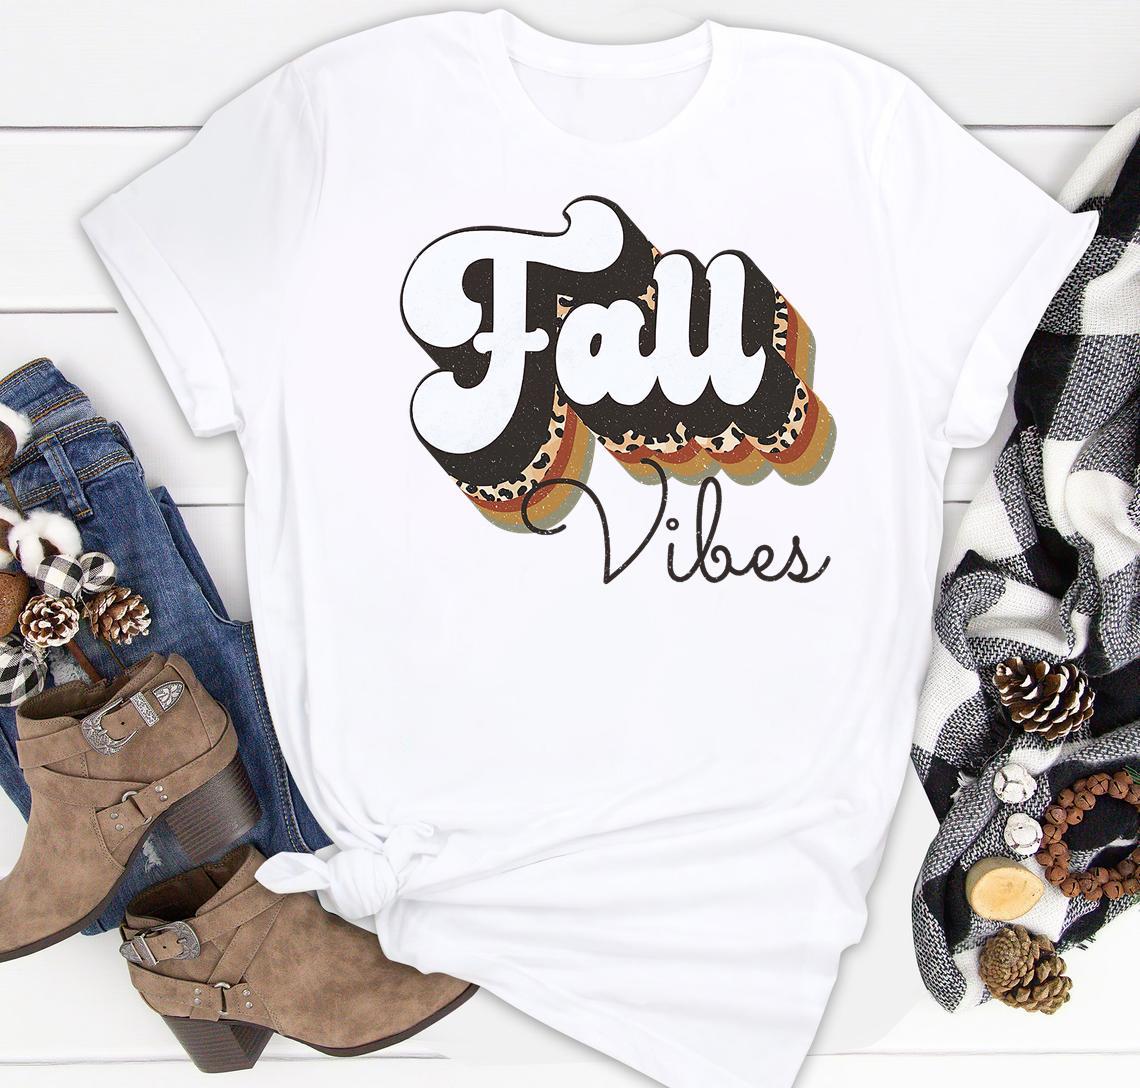 fall vibes classic shirt